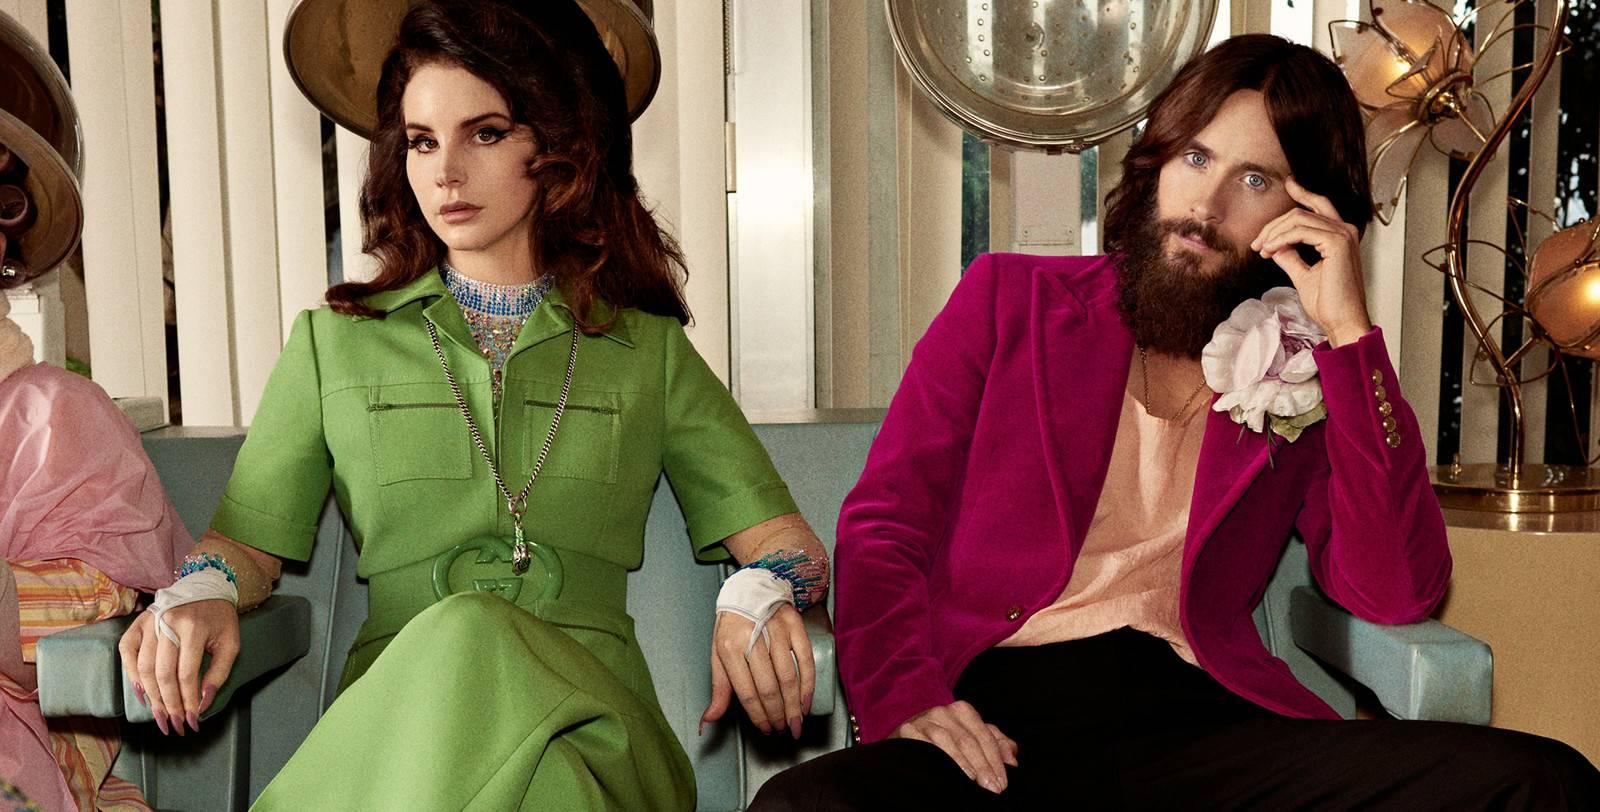 Naujoje Gucci reklamoje – Lana Del Rey ir 30 Seconds To Mars lyderis Jaredas Leto